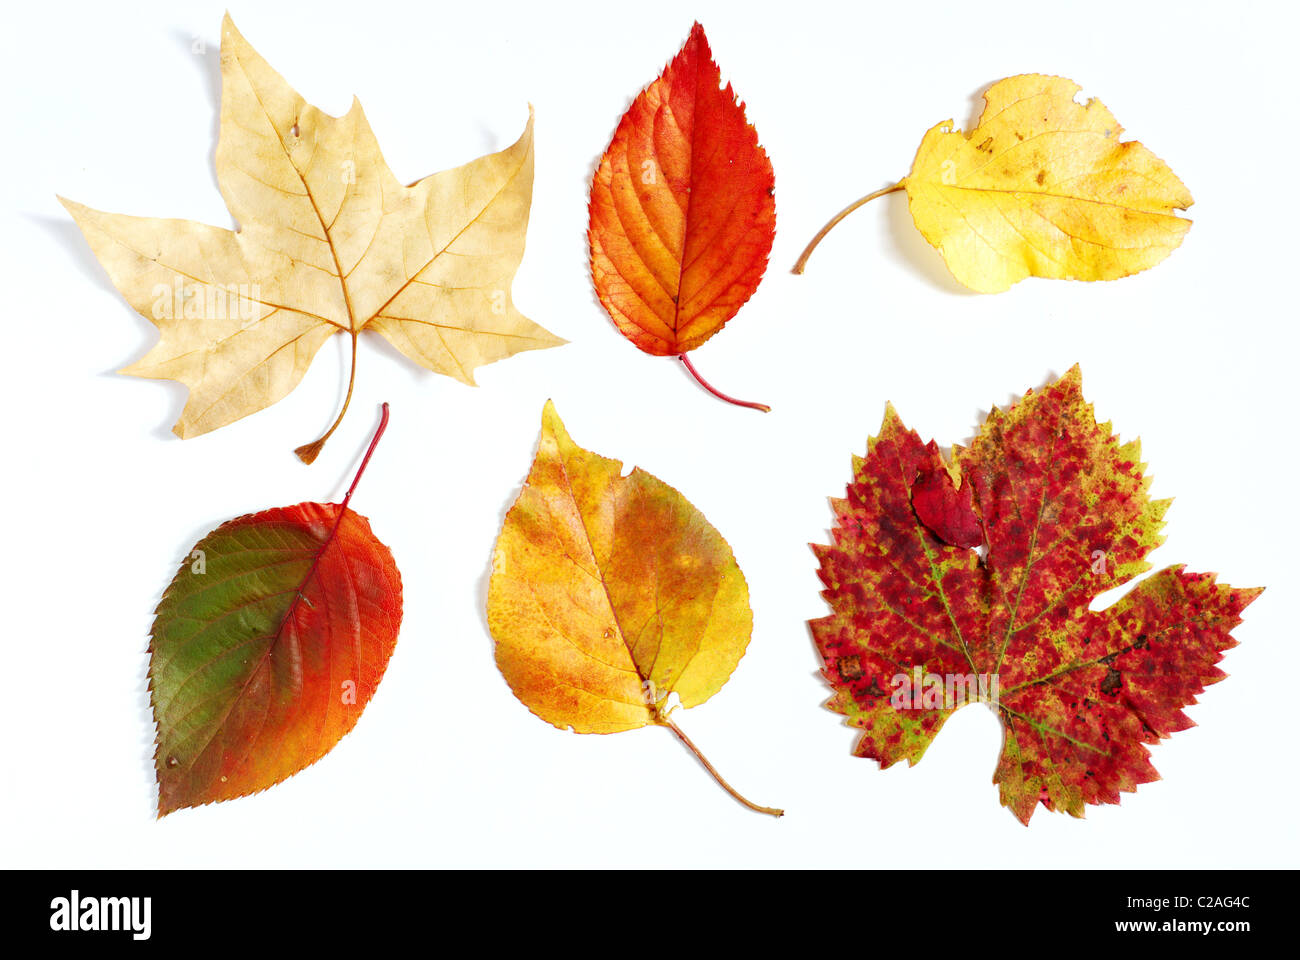 Varietà di differenti colori di caduta foglie fotografato su sfondo bianco Immagini Stock